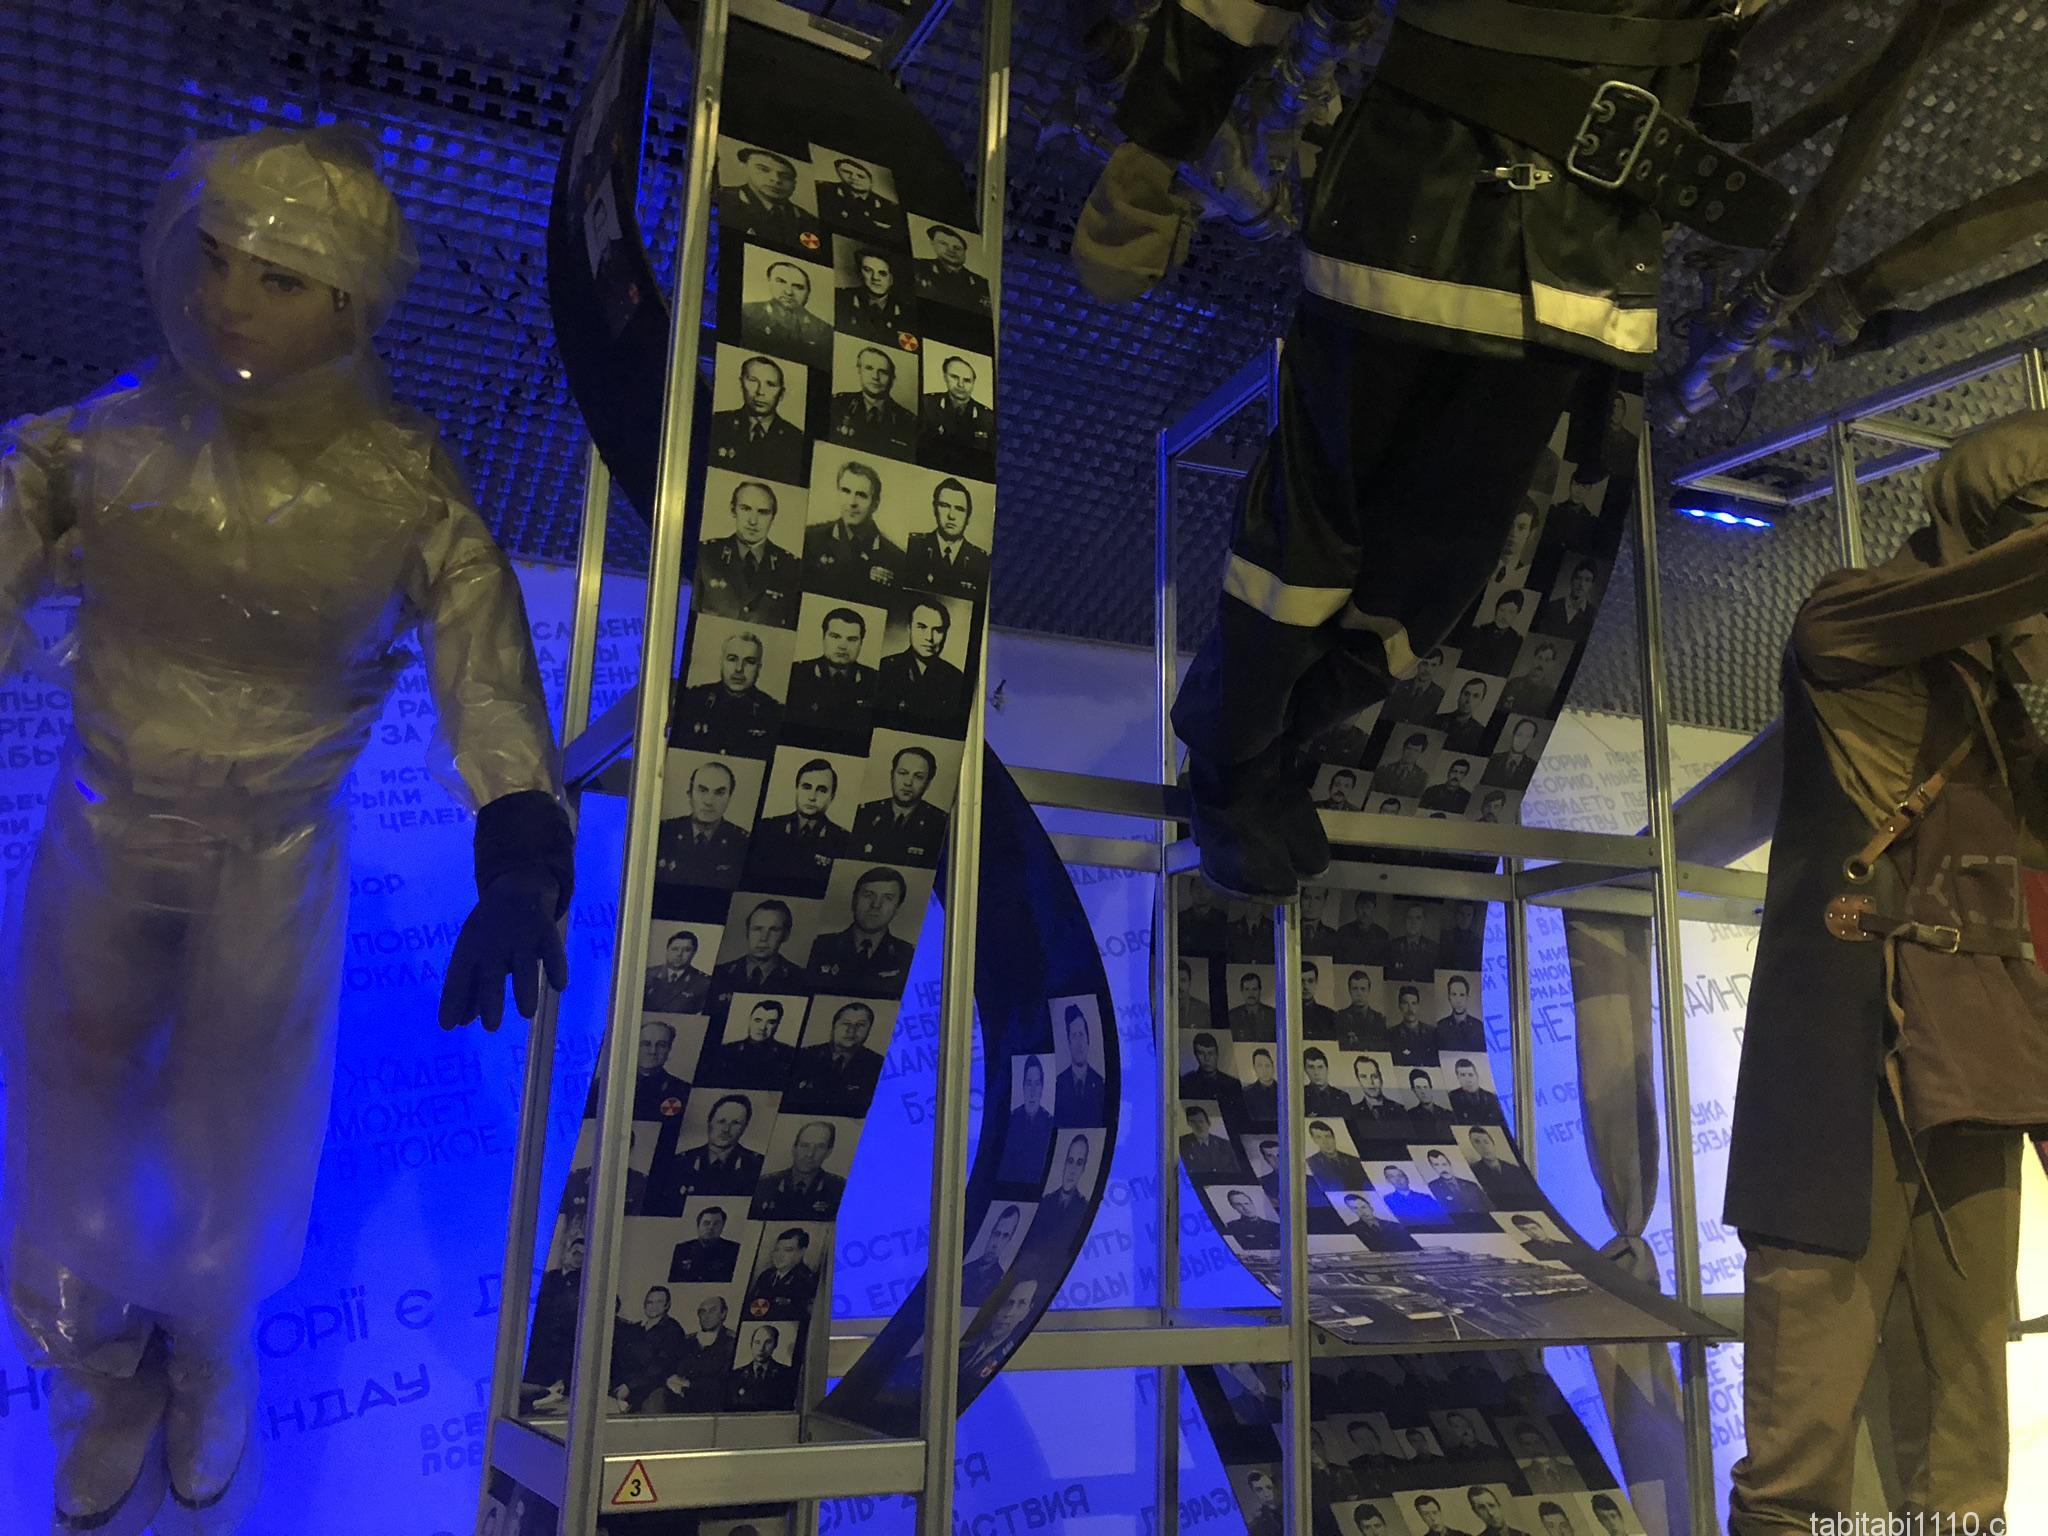 チェルノブイリ原発博物館|防護服や写真